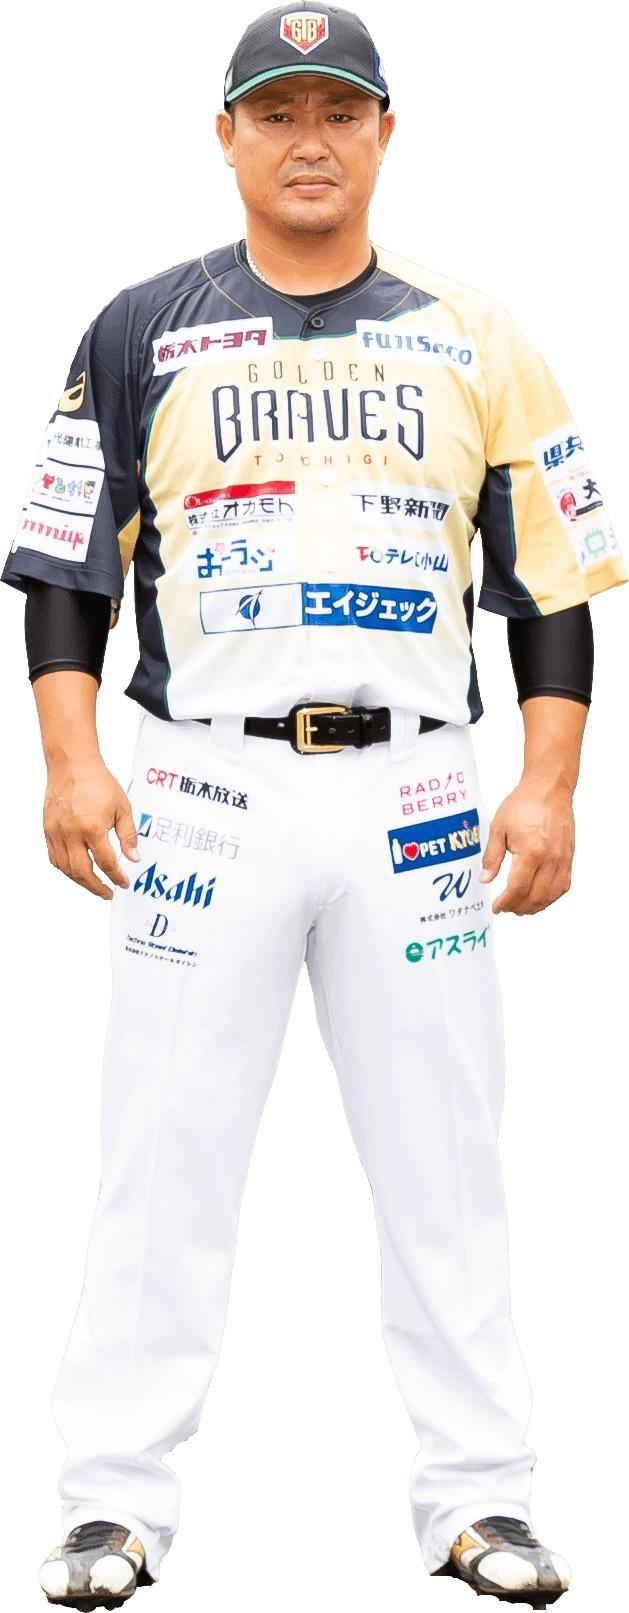 9月9日(日)に栃木ゴールデンブレーブスでは最後の試合に臨む村田修一